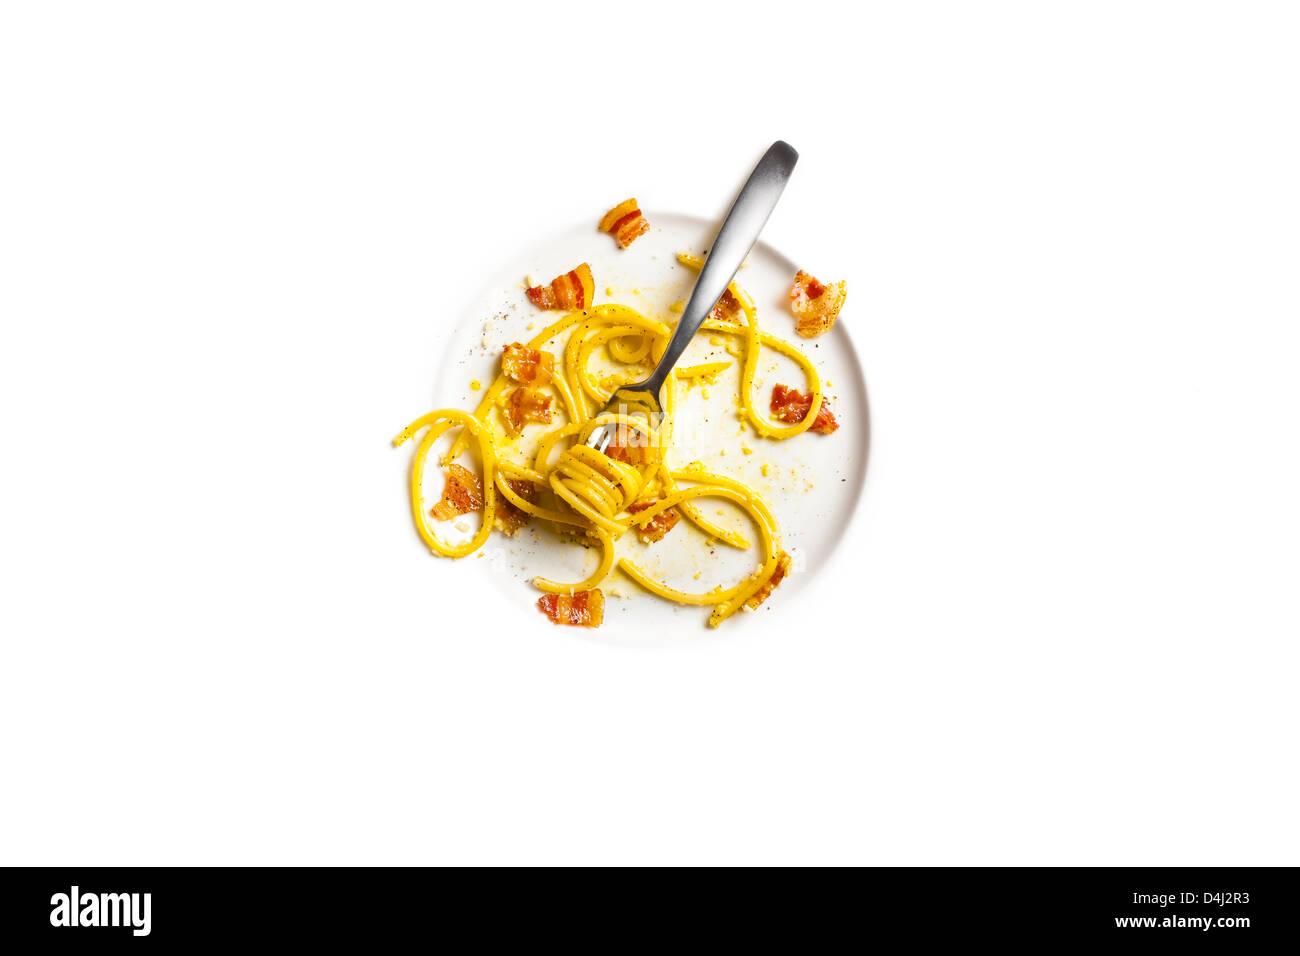 Bucatini con uovo, pecorino e luppolino croccante - Bucatini pasta con huevo, queso pecorino y crujientes luppolino Imagen De Stock